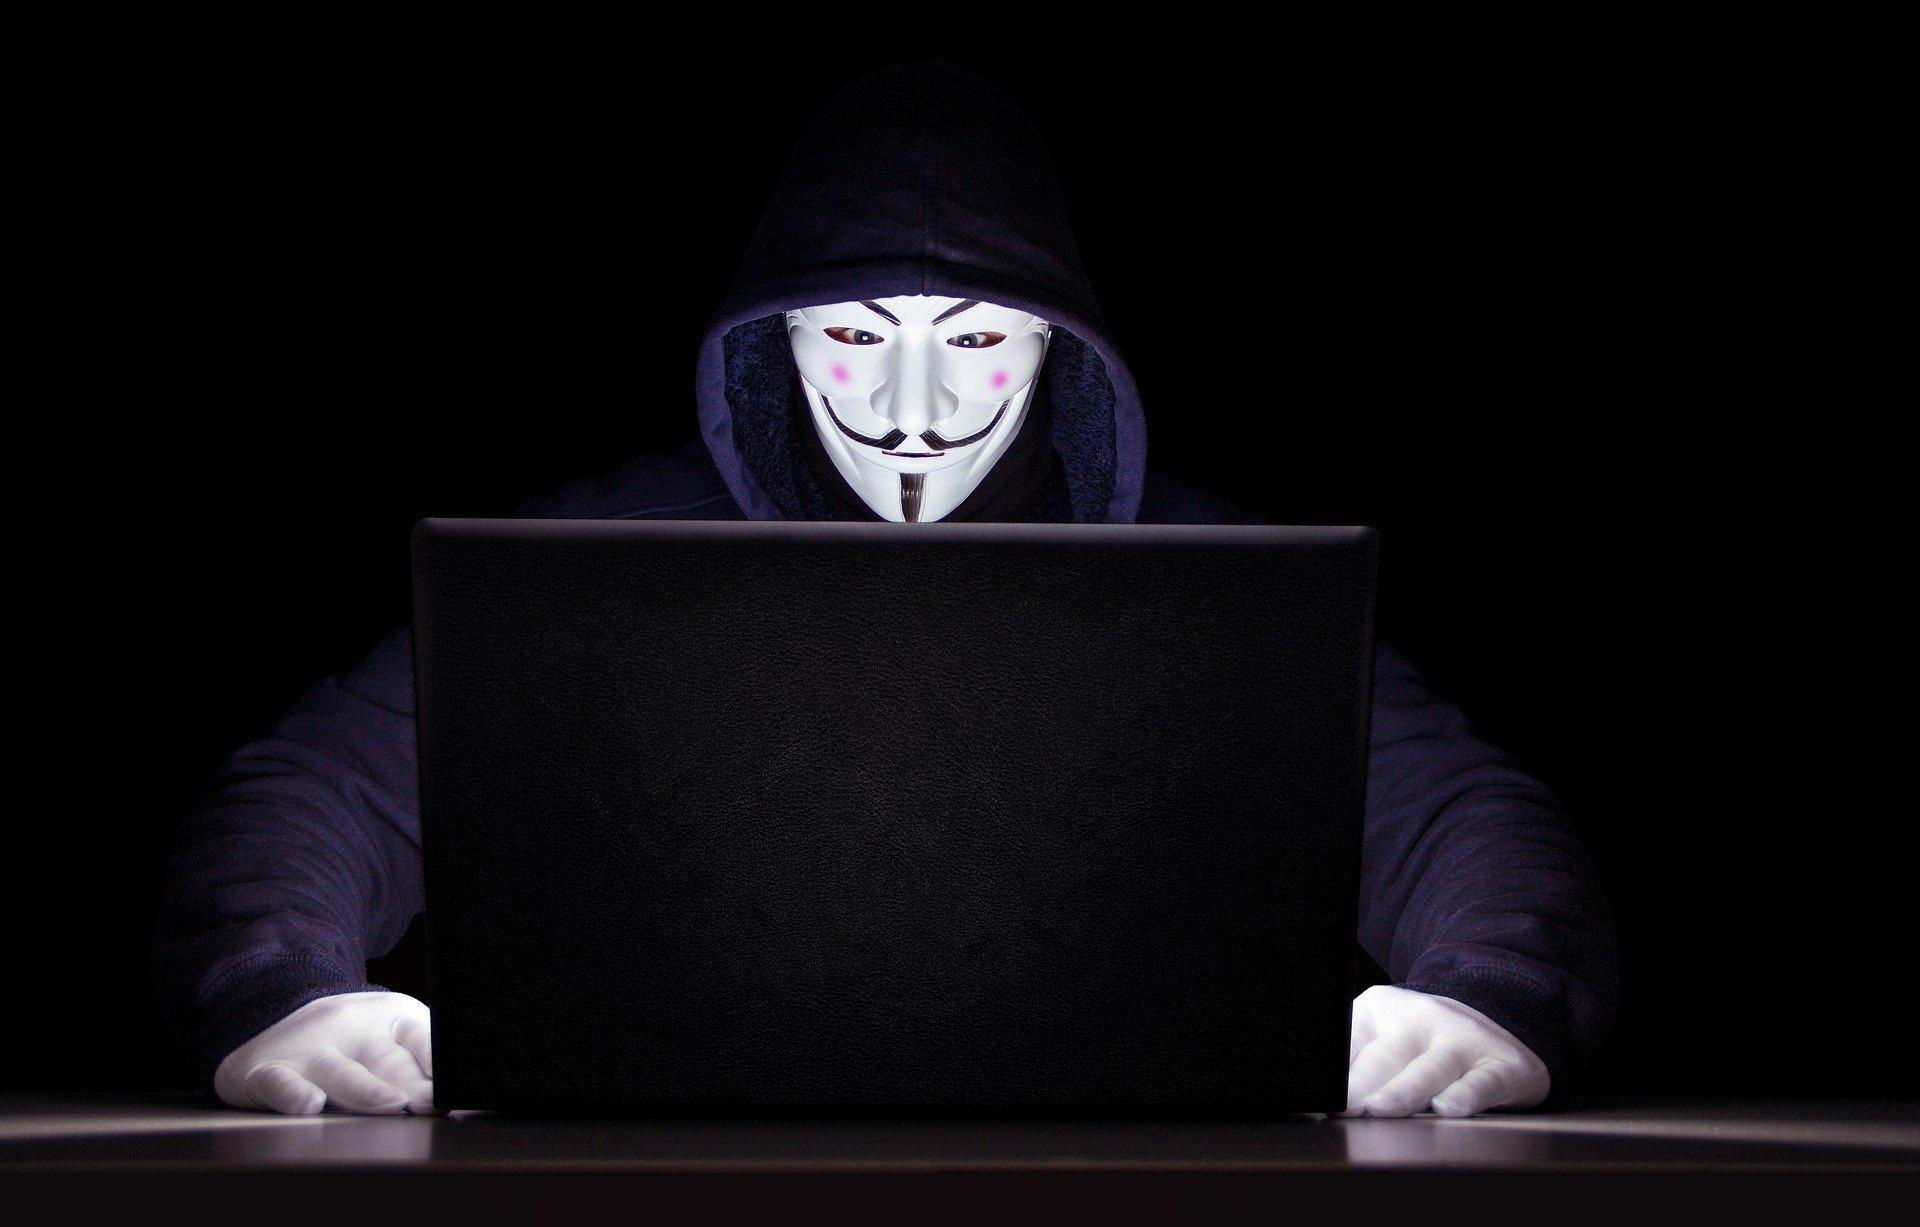 Сайт Общественной палаты России и проект 'Фейкам.нет' подверглись DDoS-атаке